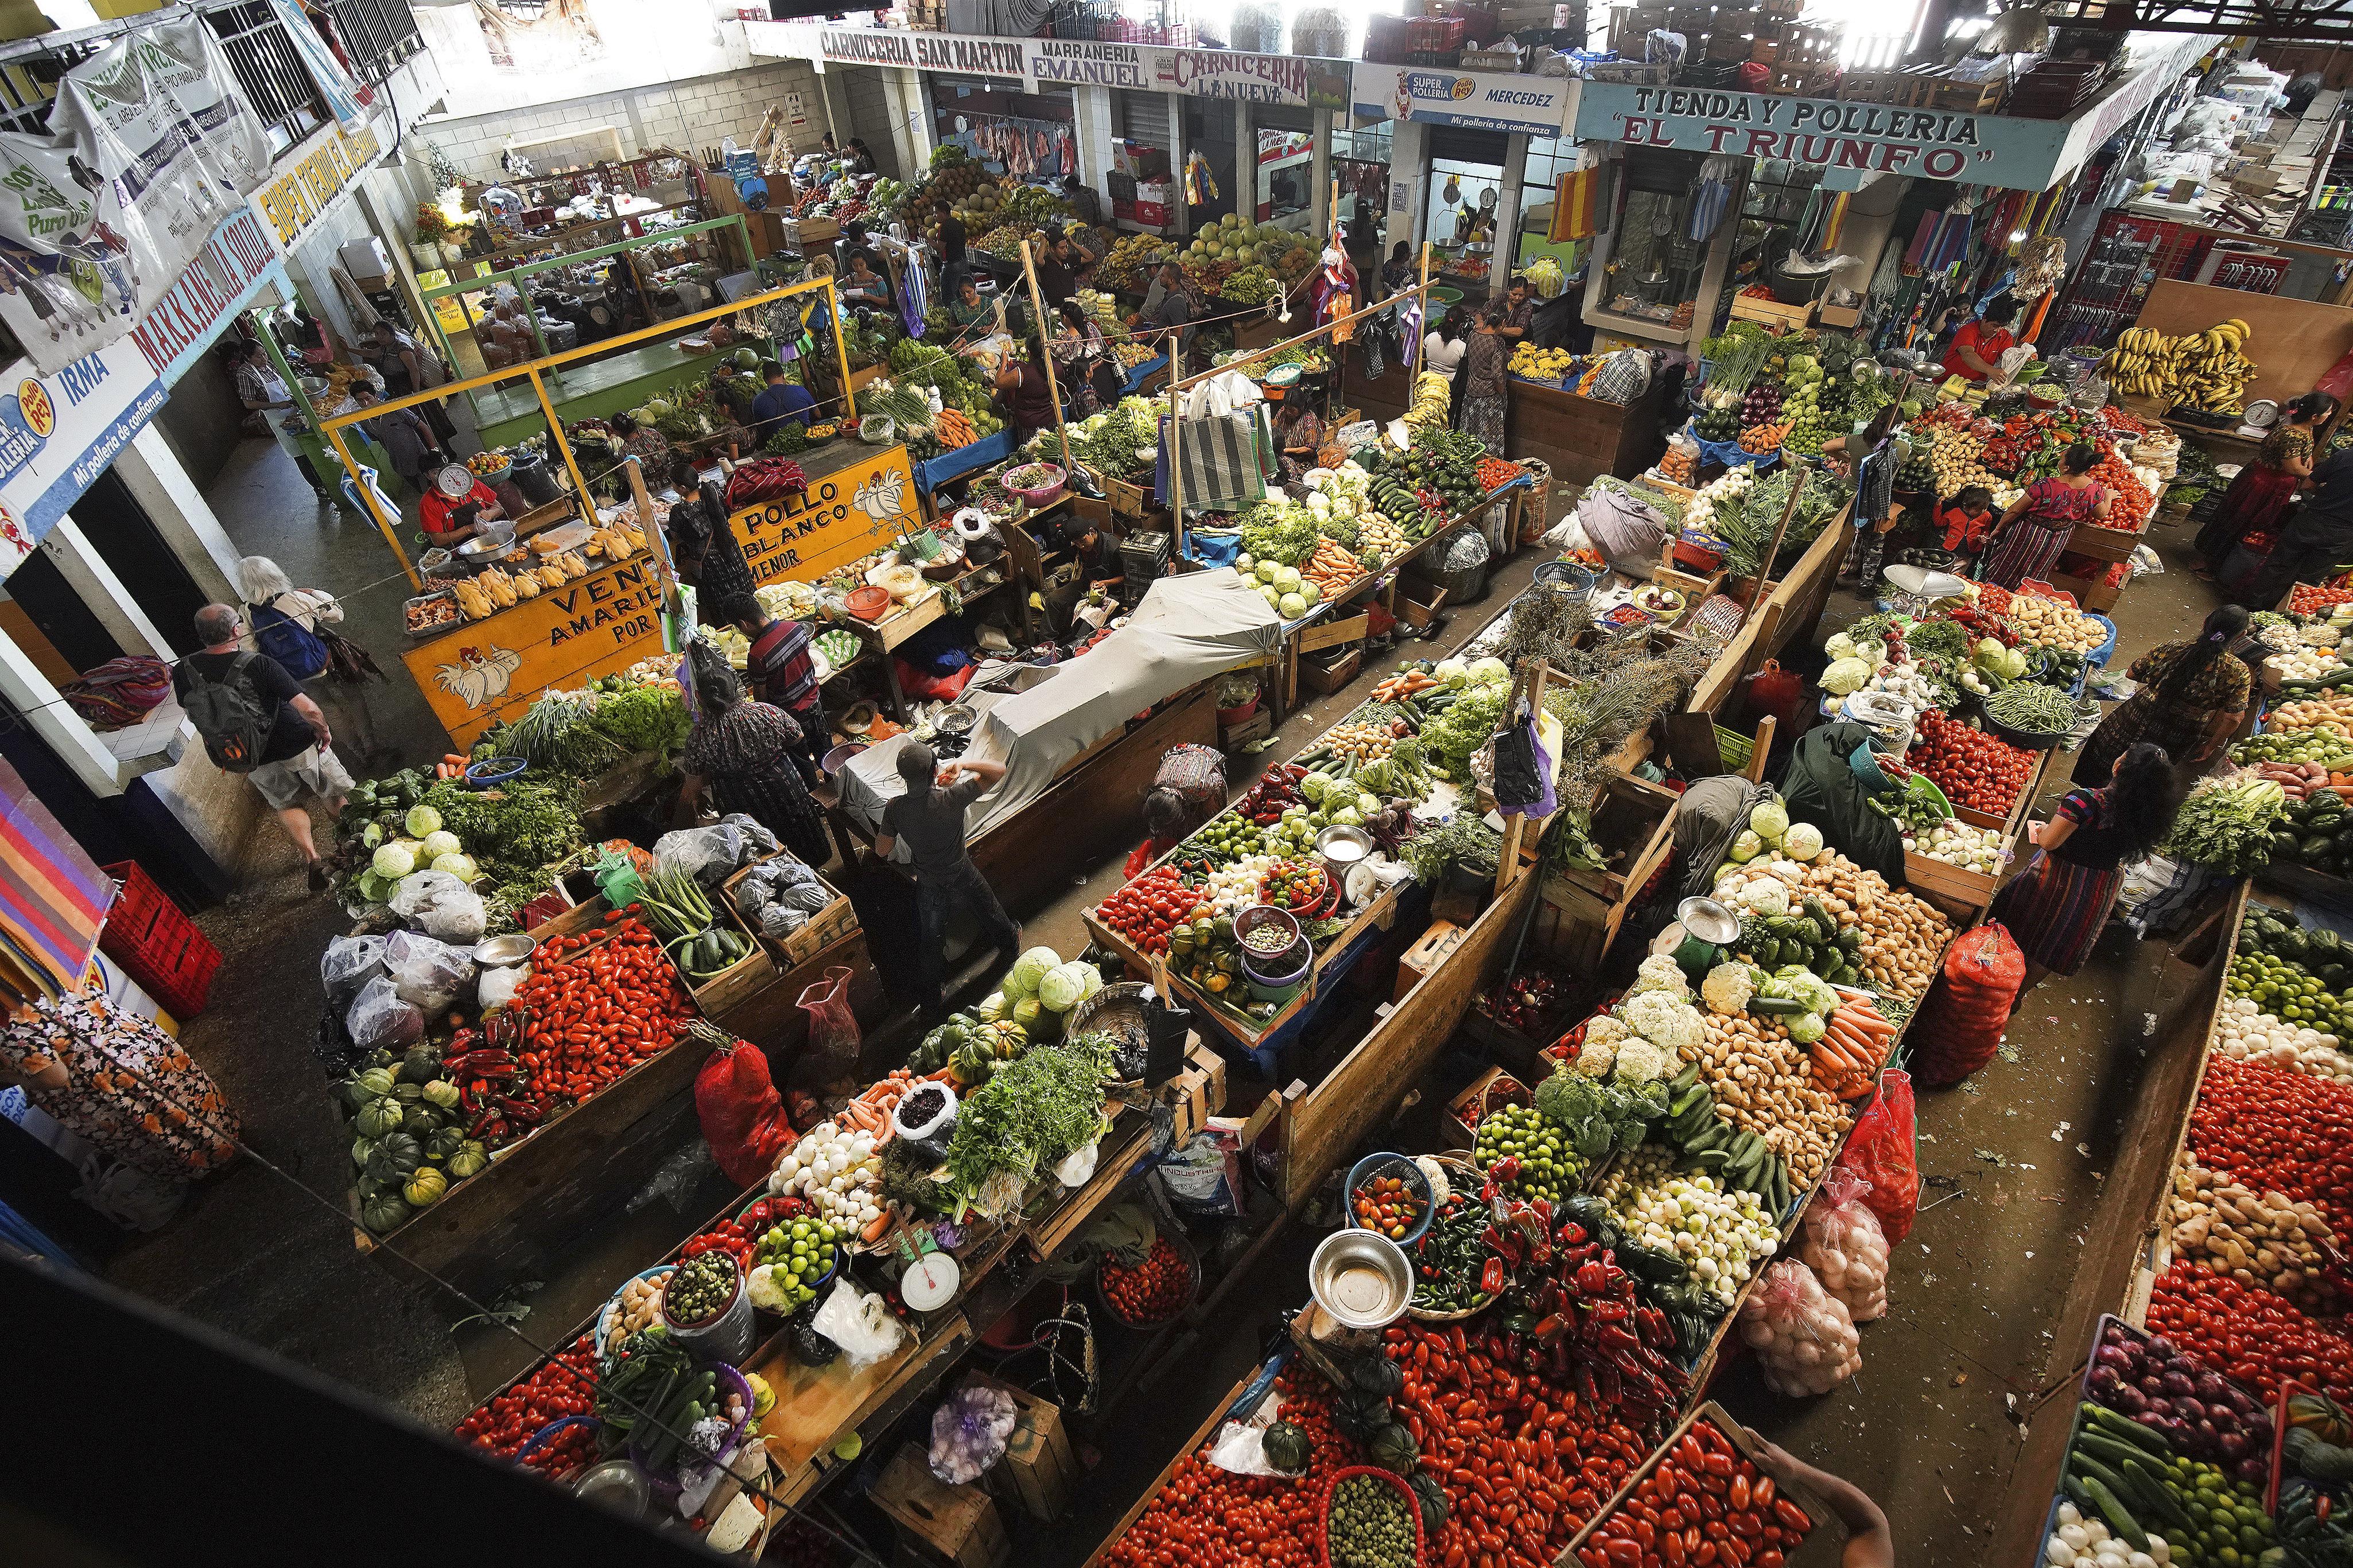 Mercado de Panajachel, Guatemala, el martes 20 de agosto de 2019. El presidente Russell M. Nelson de La Iglesia de Jesucristo de los Santos de los Últimos Días habló en un devocional en la Ciudad de Guatemala el sábado 24 de agosto.